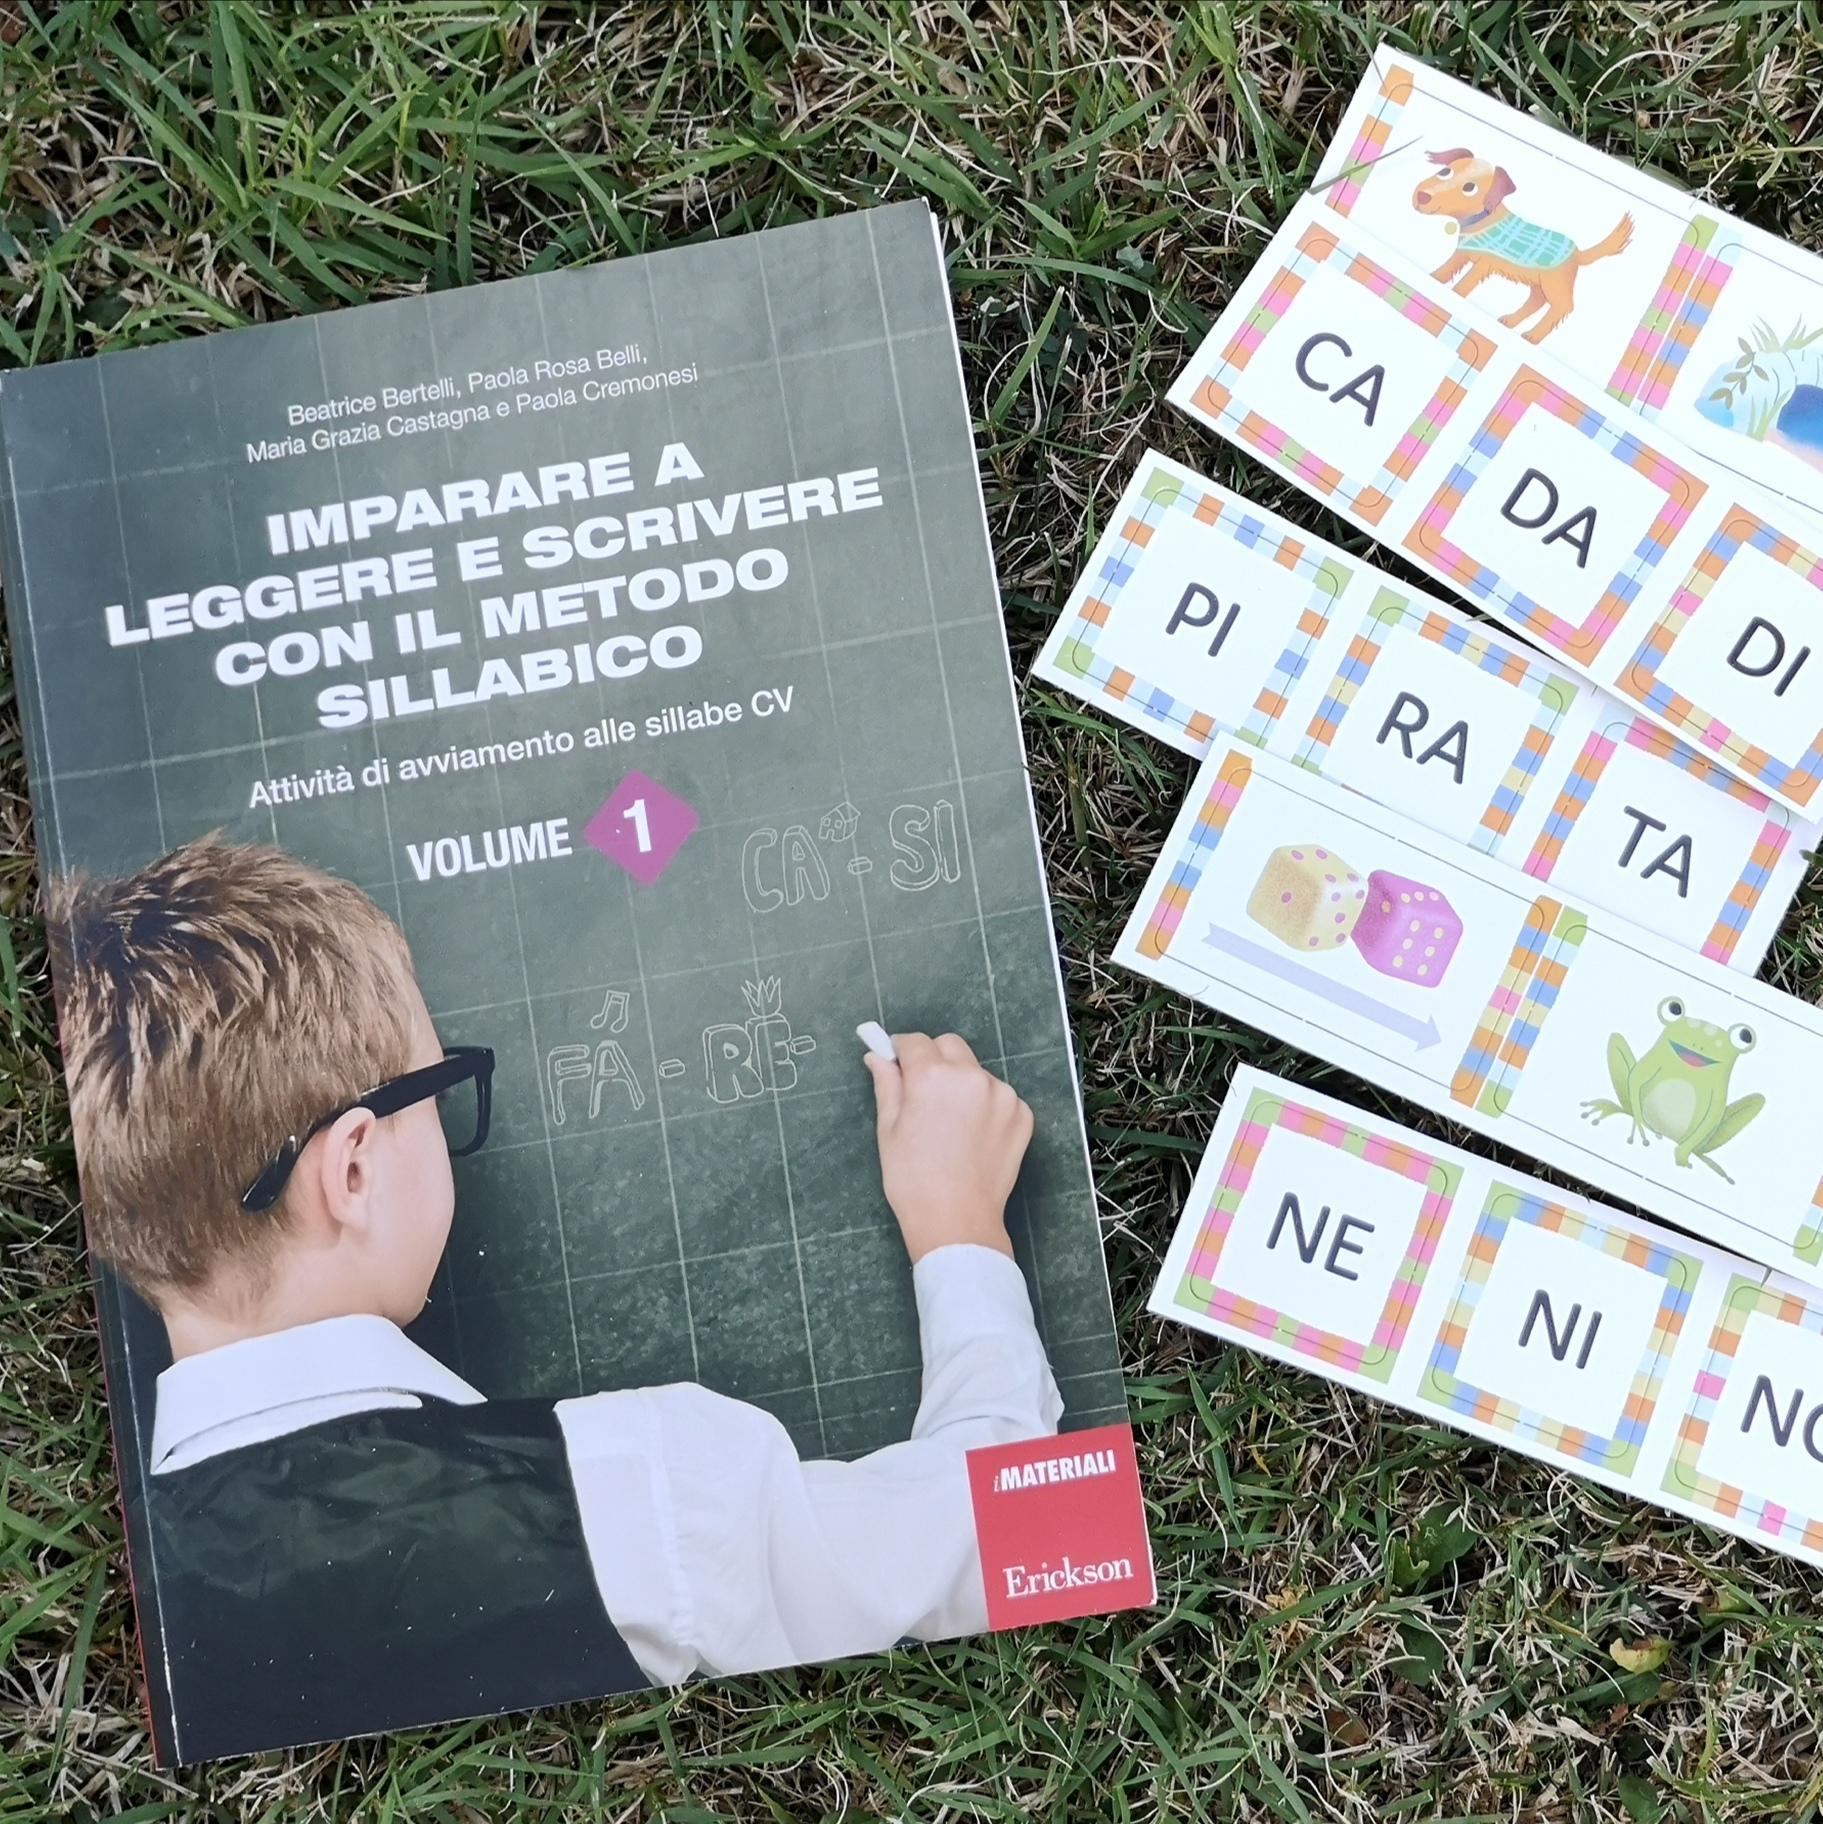 Imparare a leggere e scrivere con il metodo sillabico